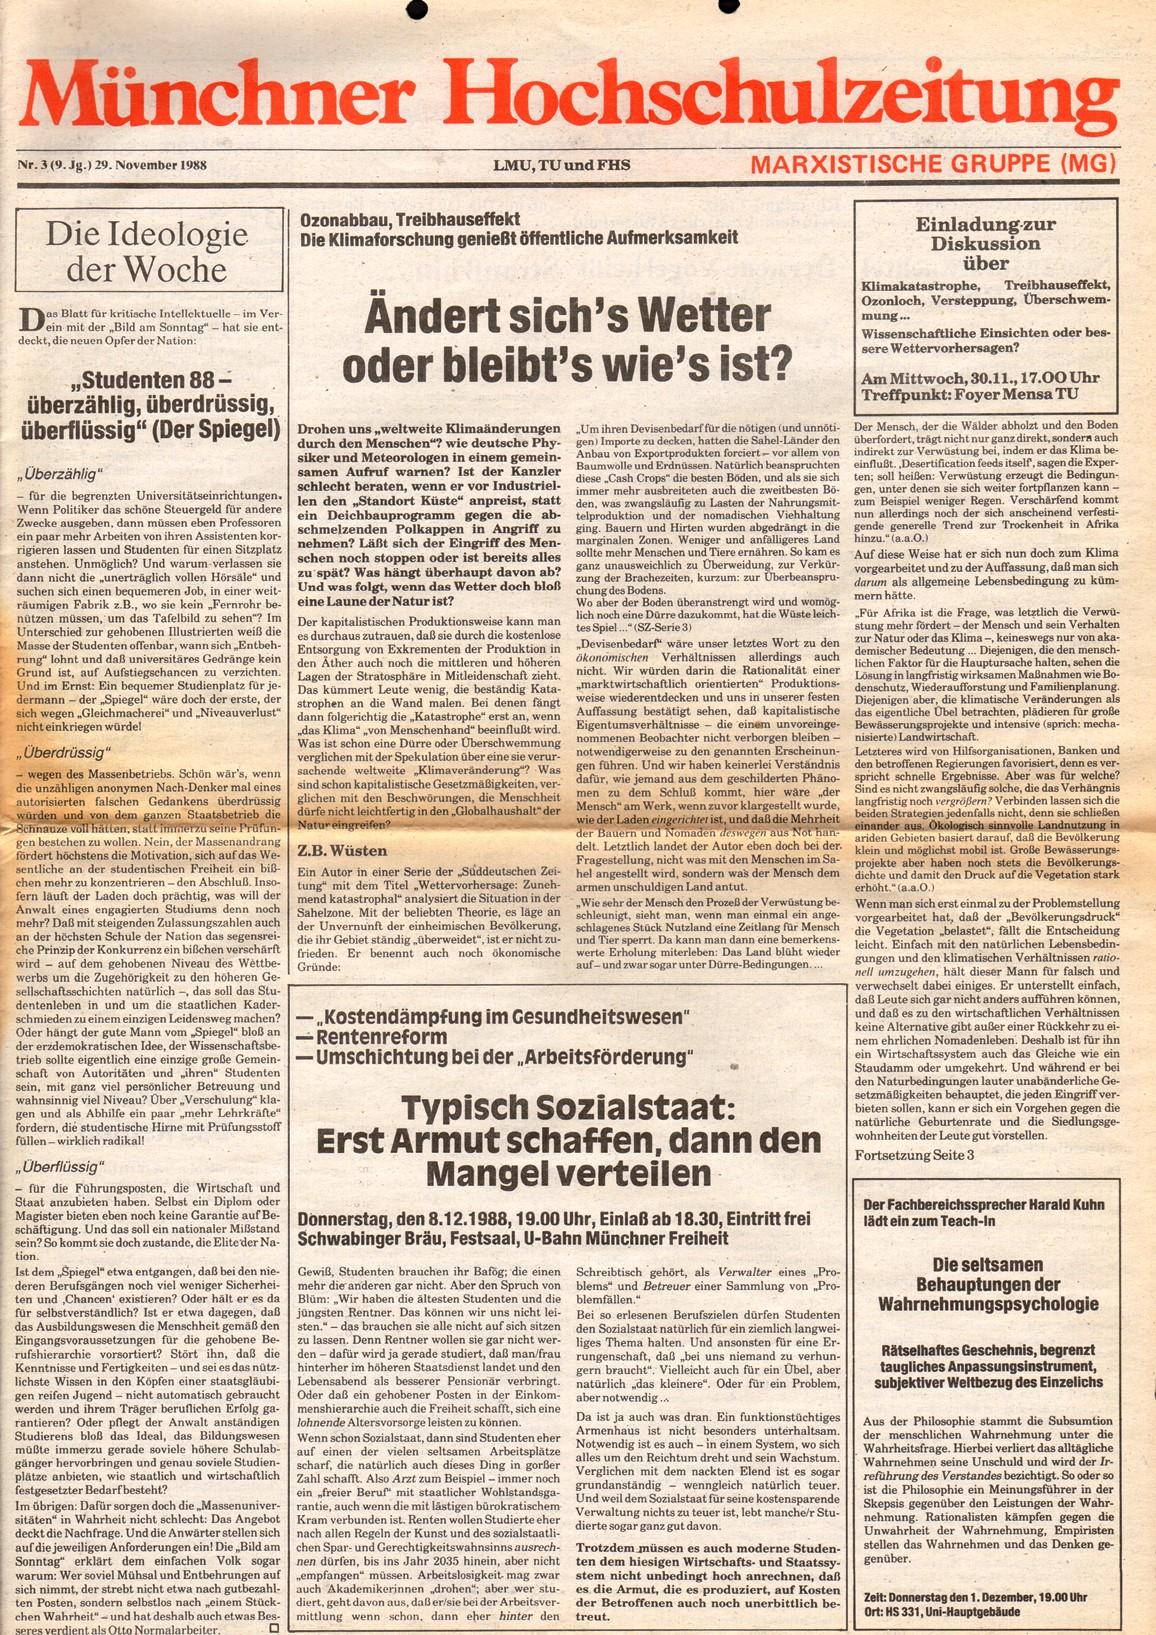 Muenchen_MG_Hochschulzeitung_19881129_01